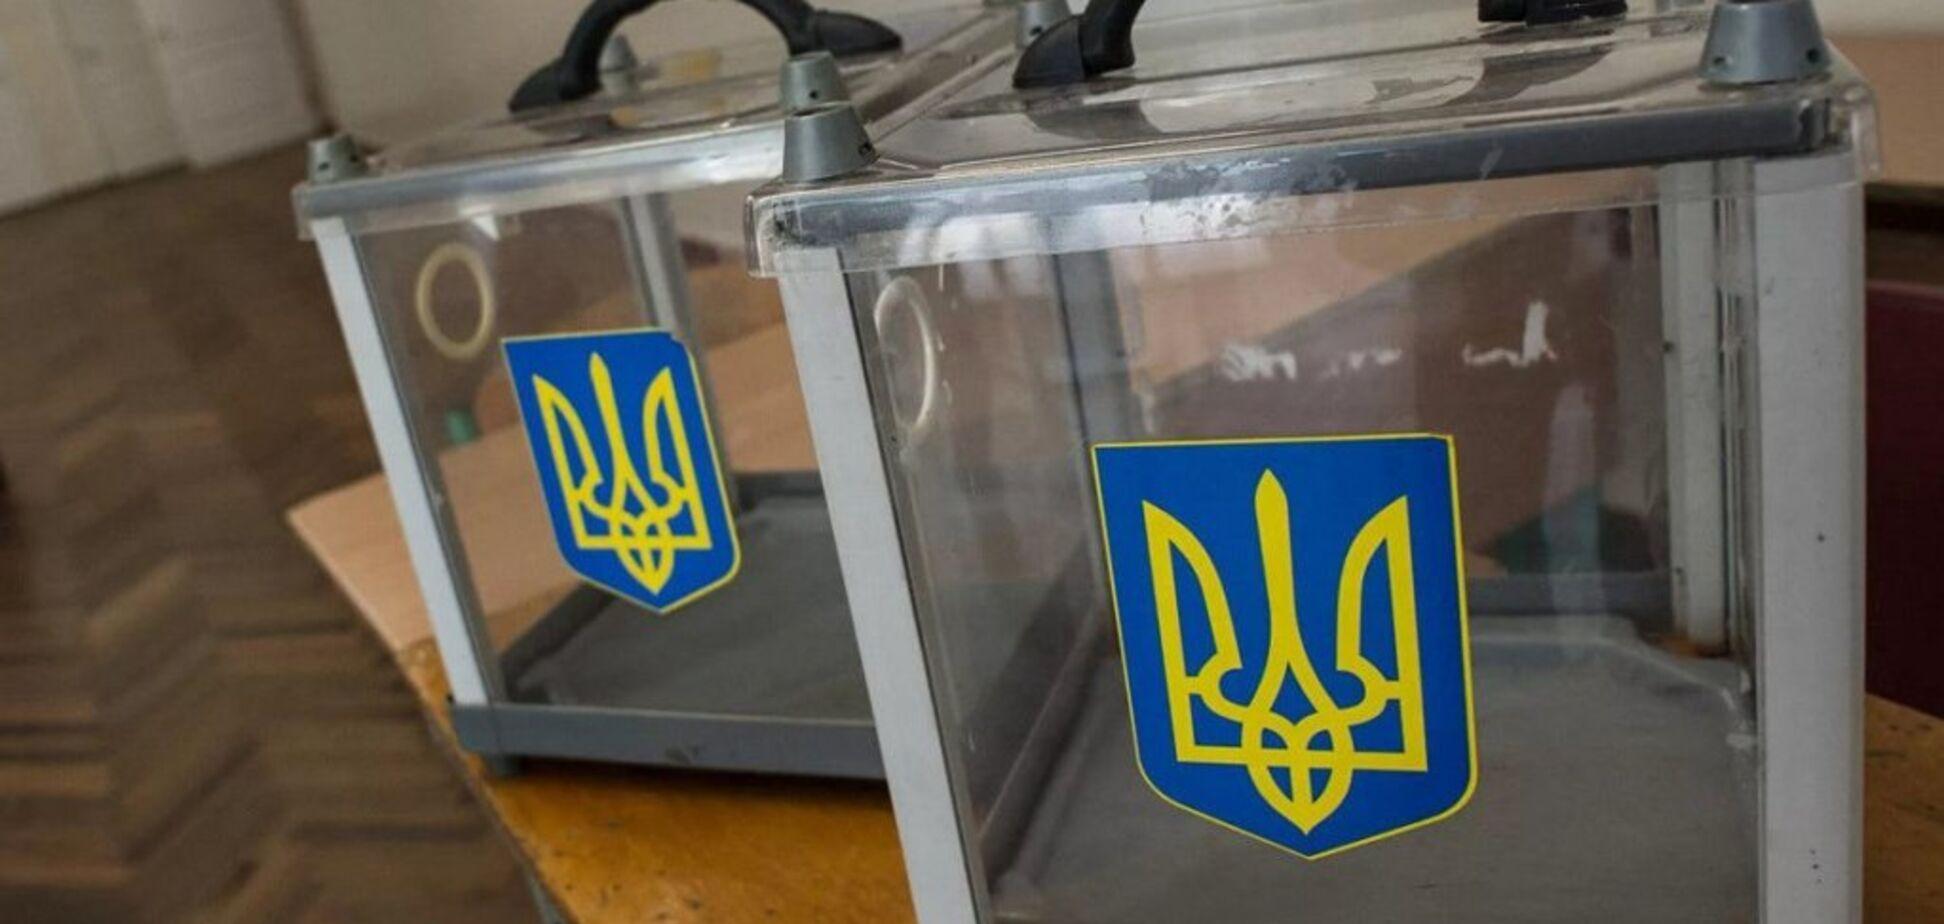 Кайфую от Людоедов на выборах! Украинцам стоит радоваться